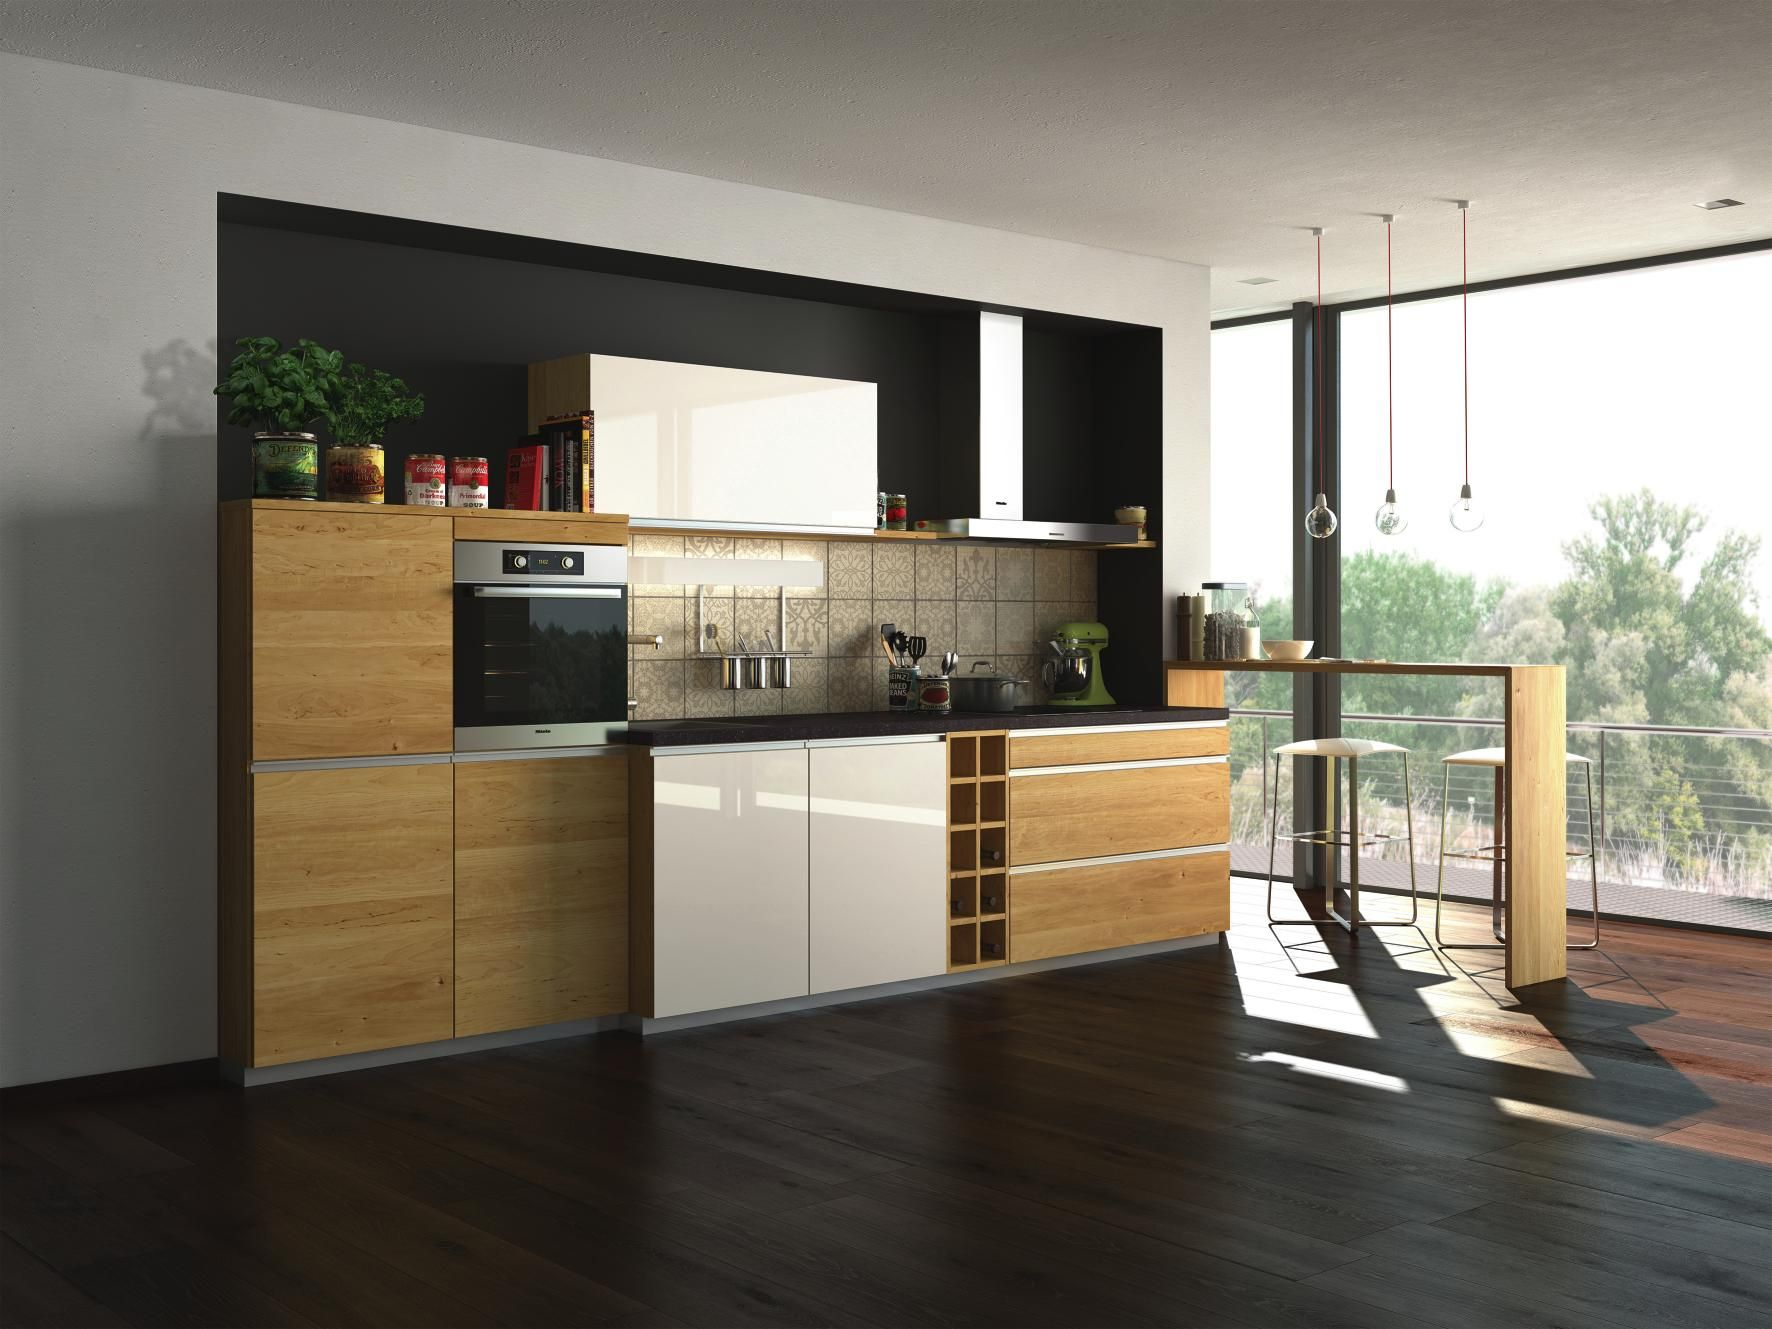 Design einbauküche  Natürlich schön im Design: Einbauküche aus Erlenholz ...